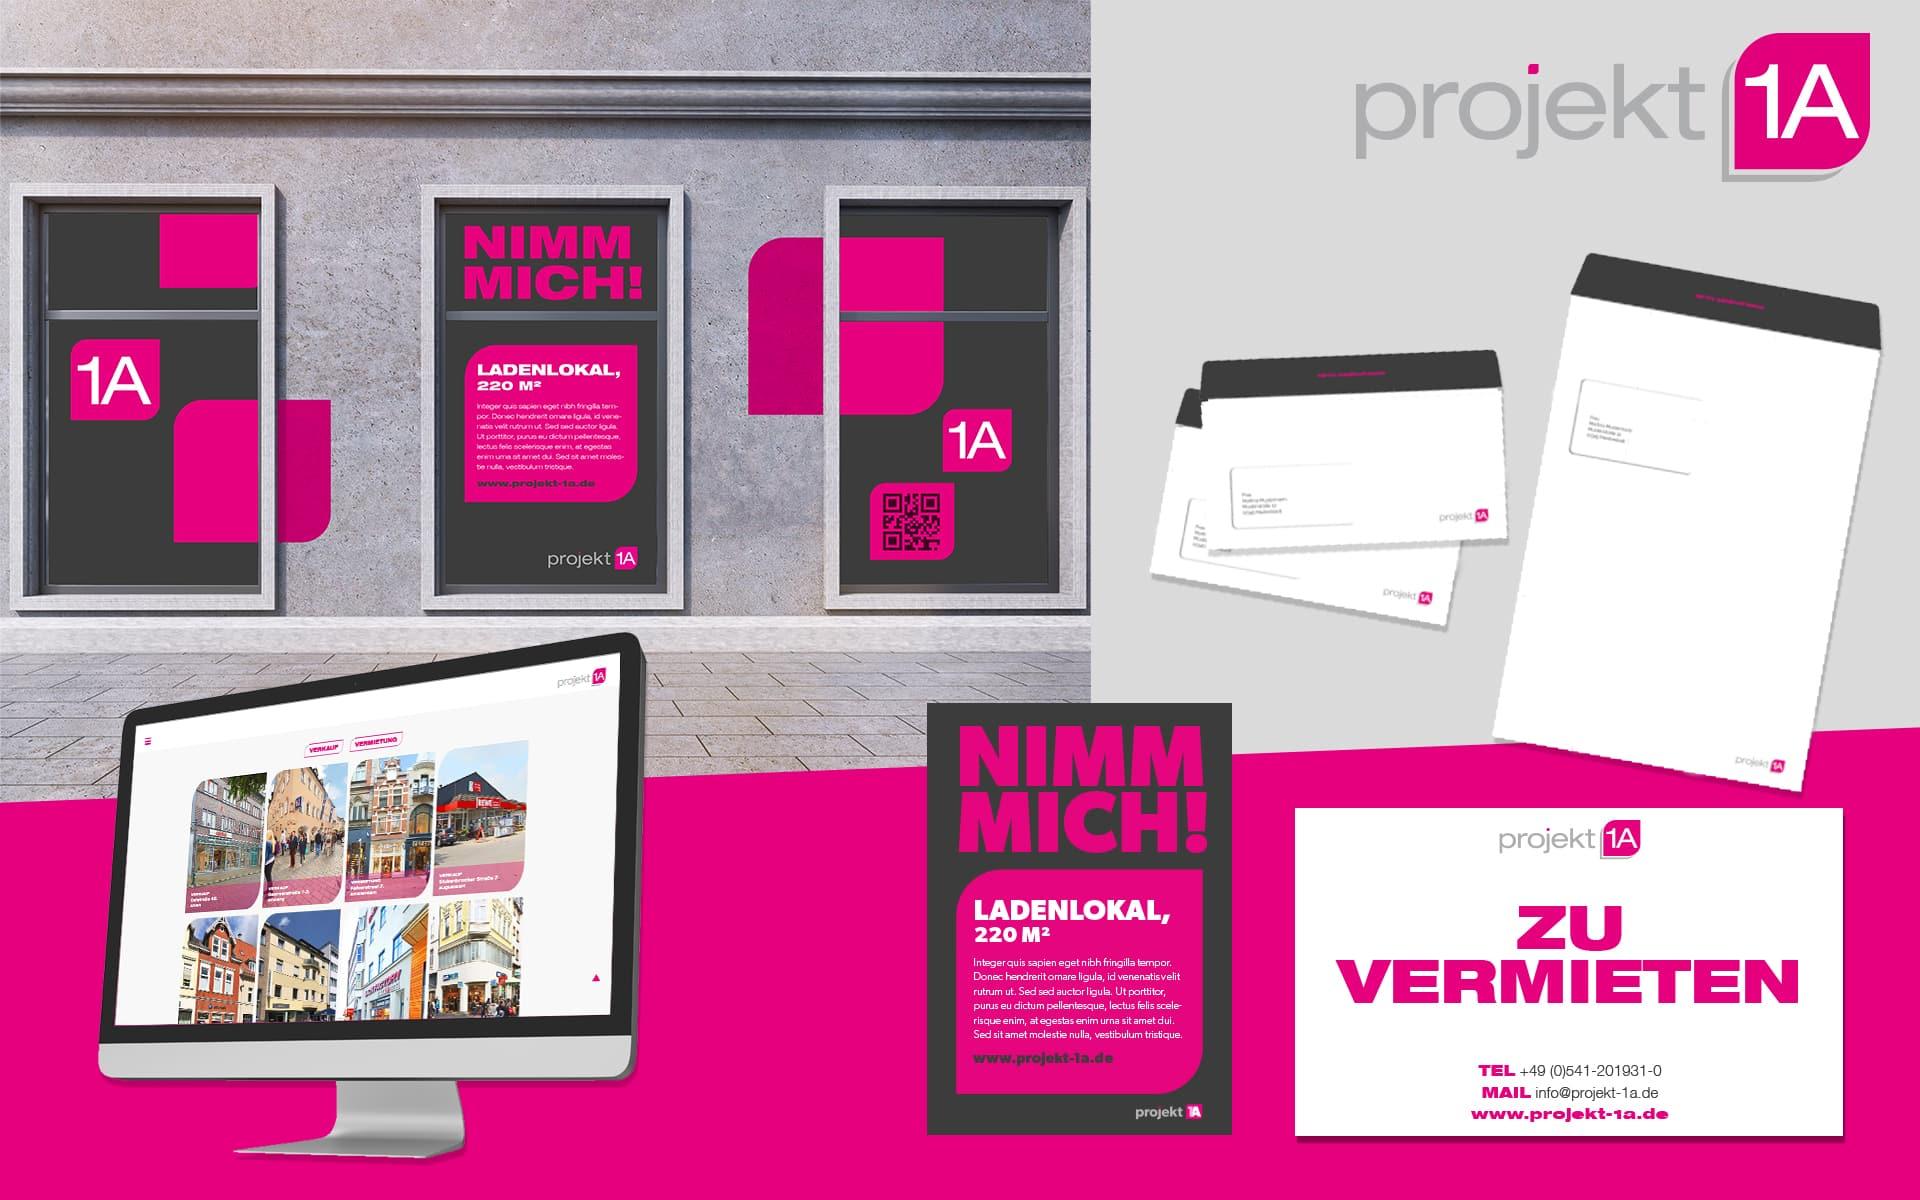 Corporate Design für Projekt 1A von team4media - Ihre Werbeagentur aus Osnabrück